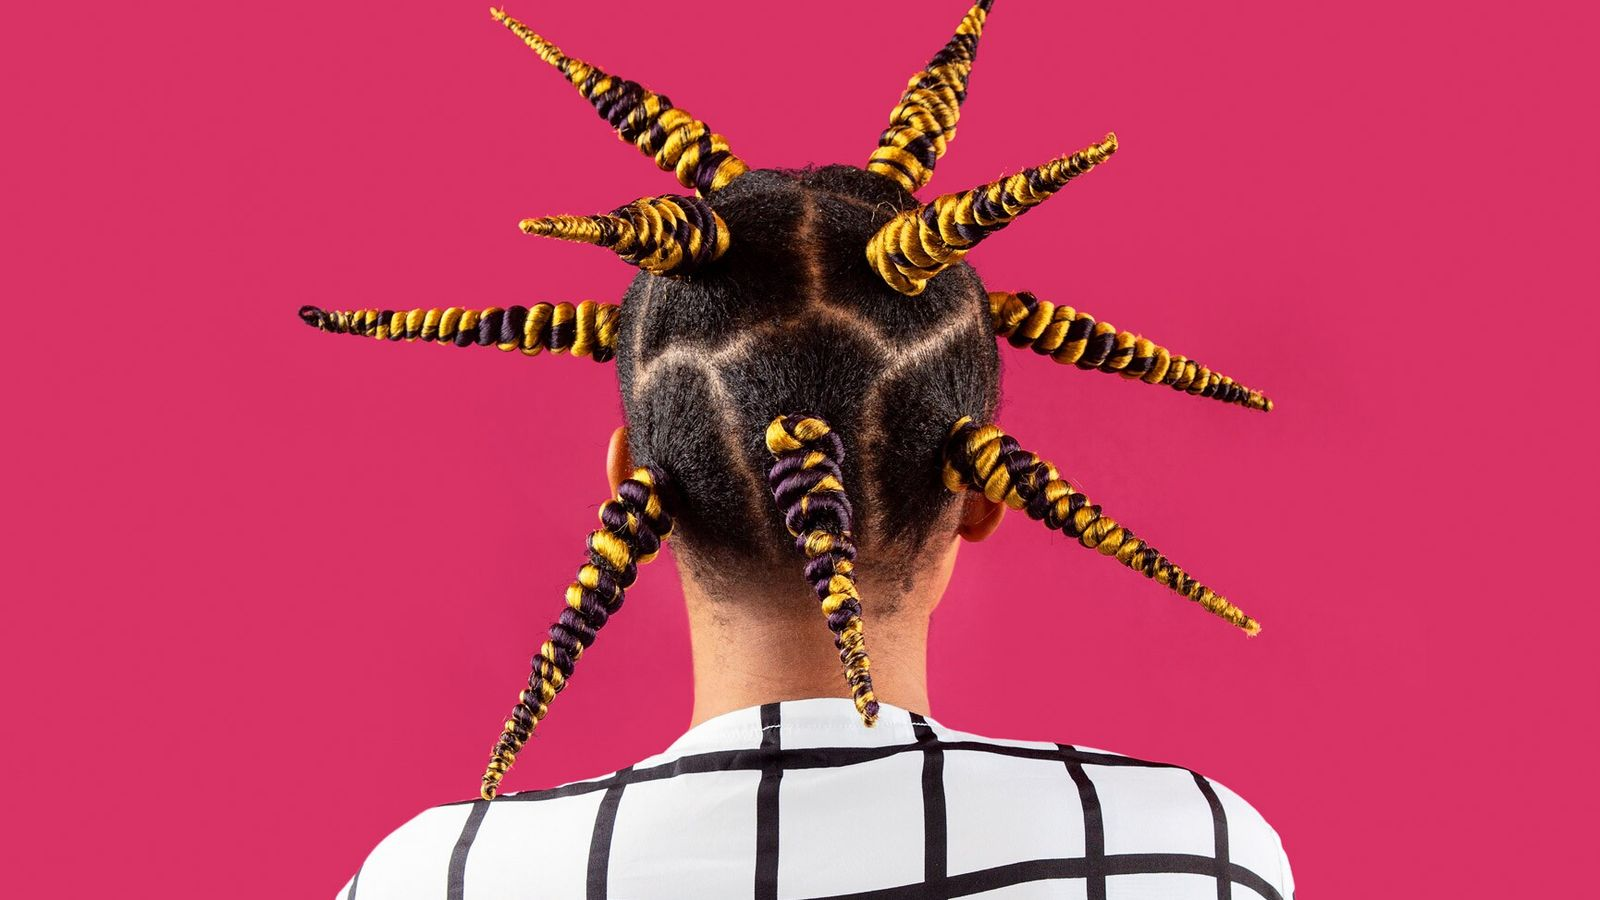 Frau von hinten mit extravaganter Frisur